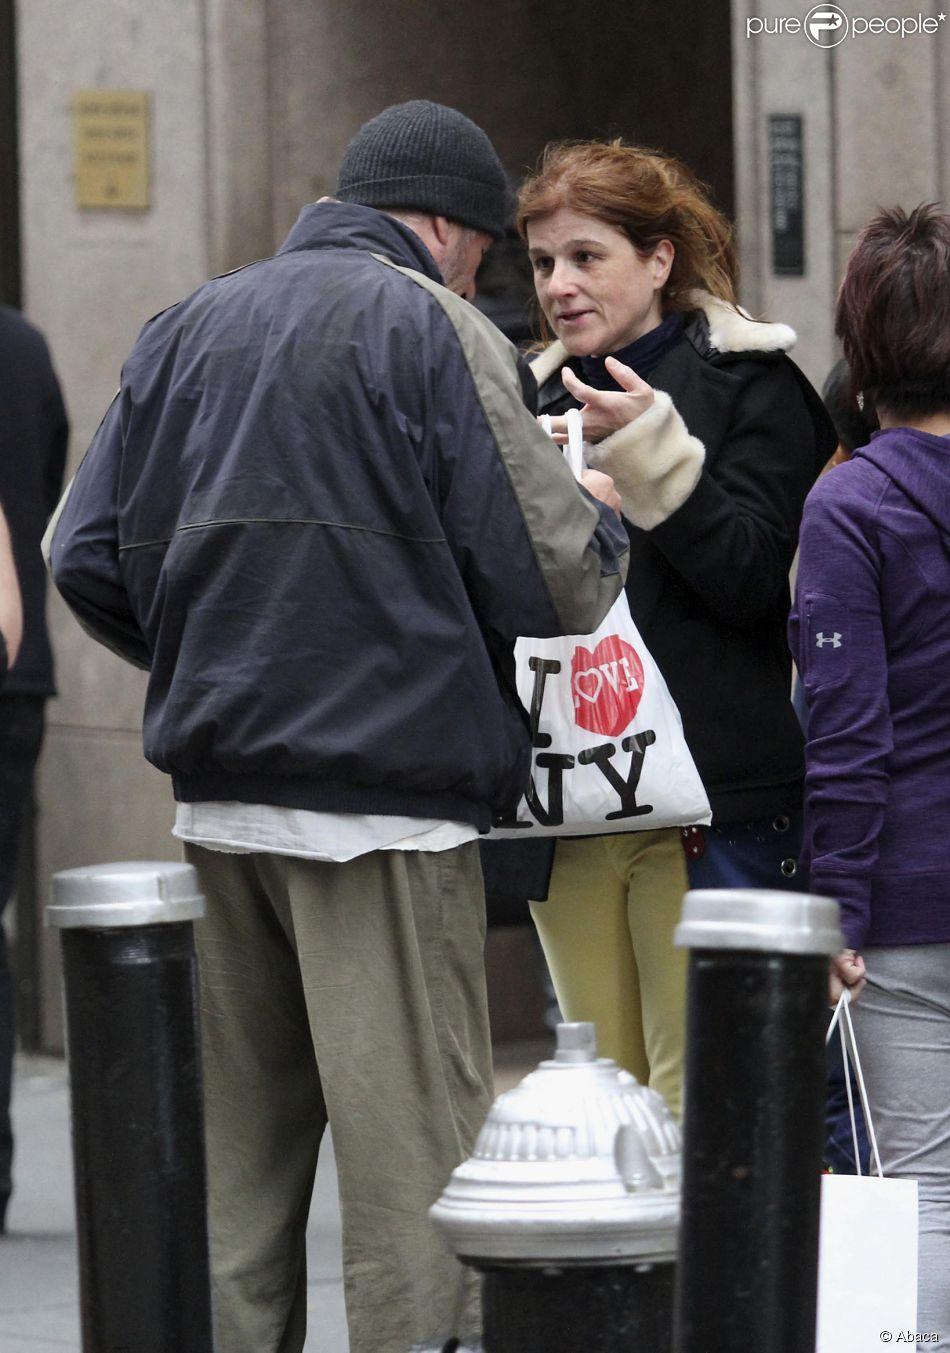 Richard Gere se voit offrir des restes de pizza par une touriste française, Karine, 42 ans, pendant le tournage de son film près de Grand Central à Manhattan, New York, le 22 avril 2014.